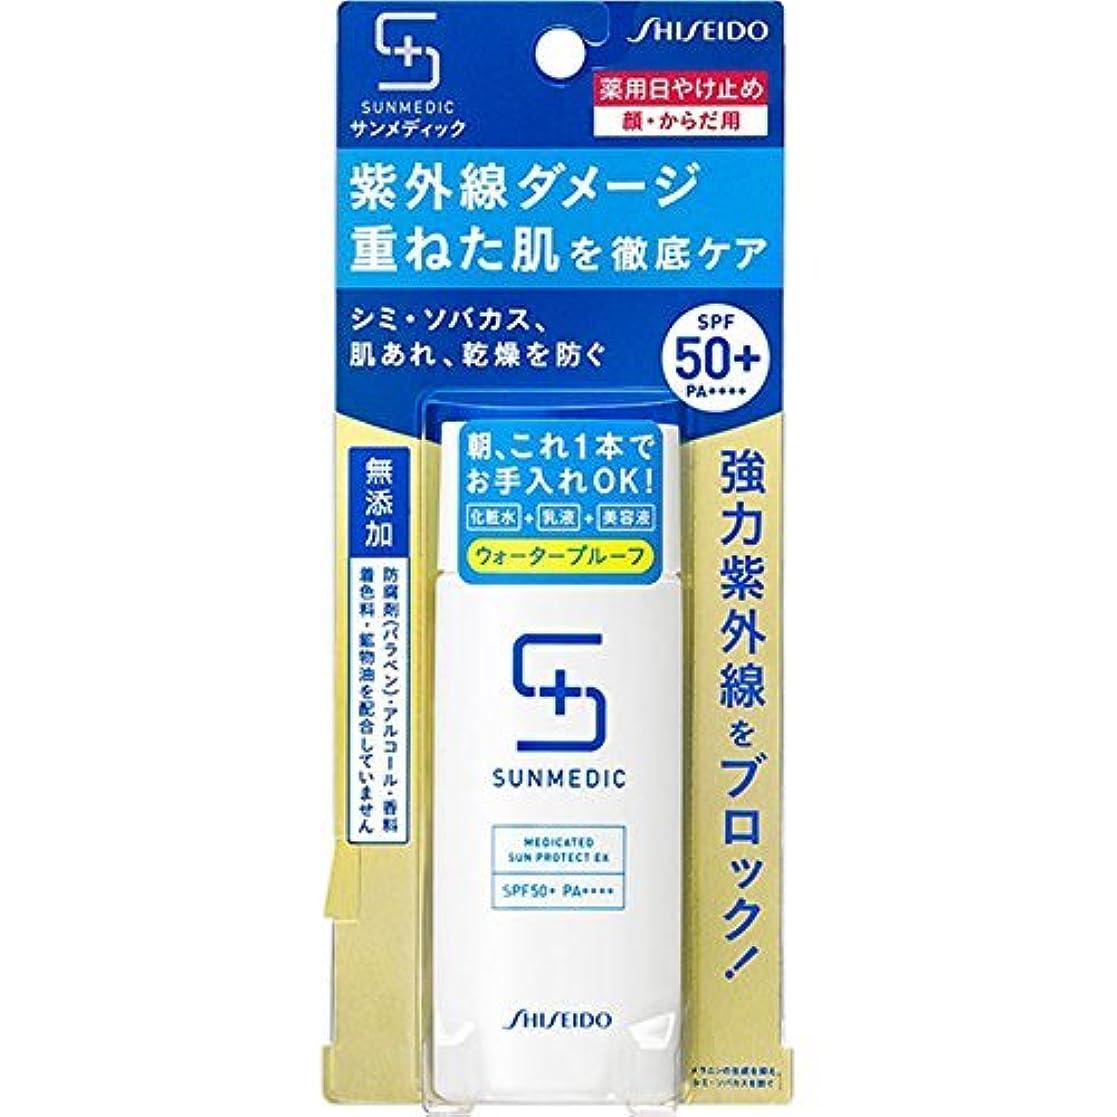 告白寄付する不確実MK サンメディックUV 薬用サンプロテクトEX 50mL (医薬部外品)